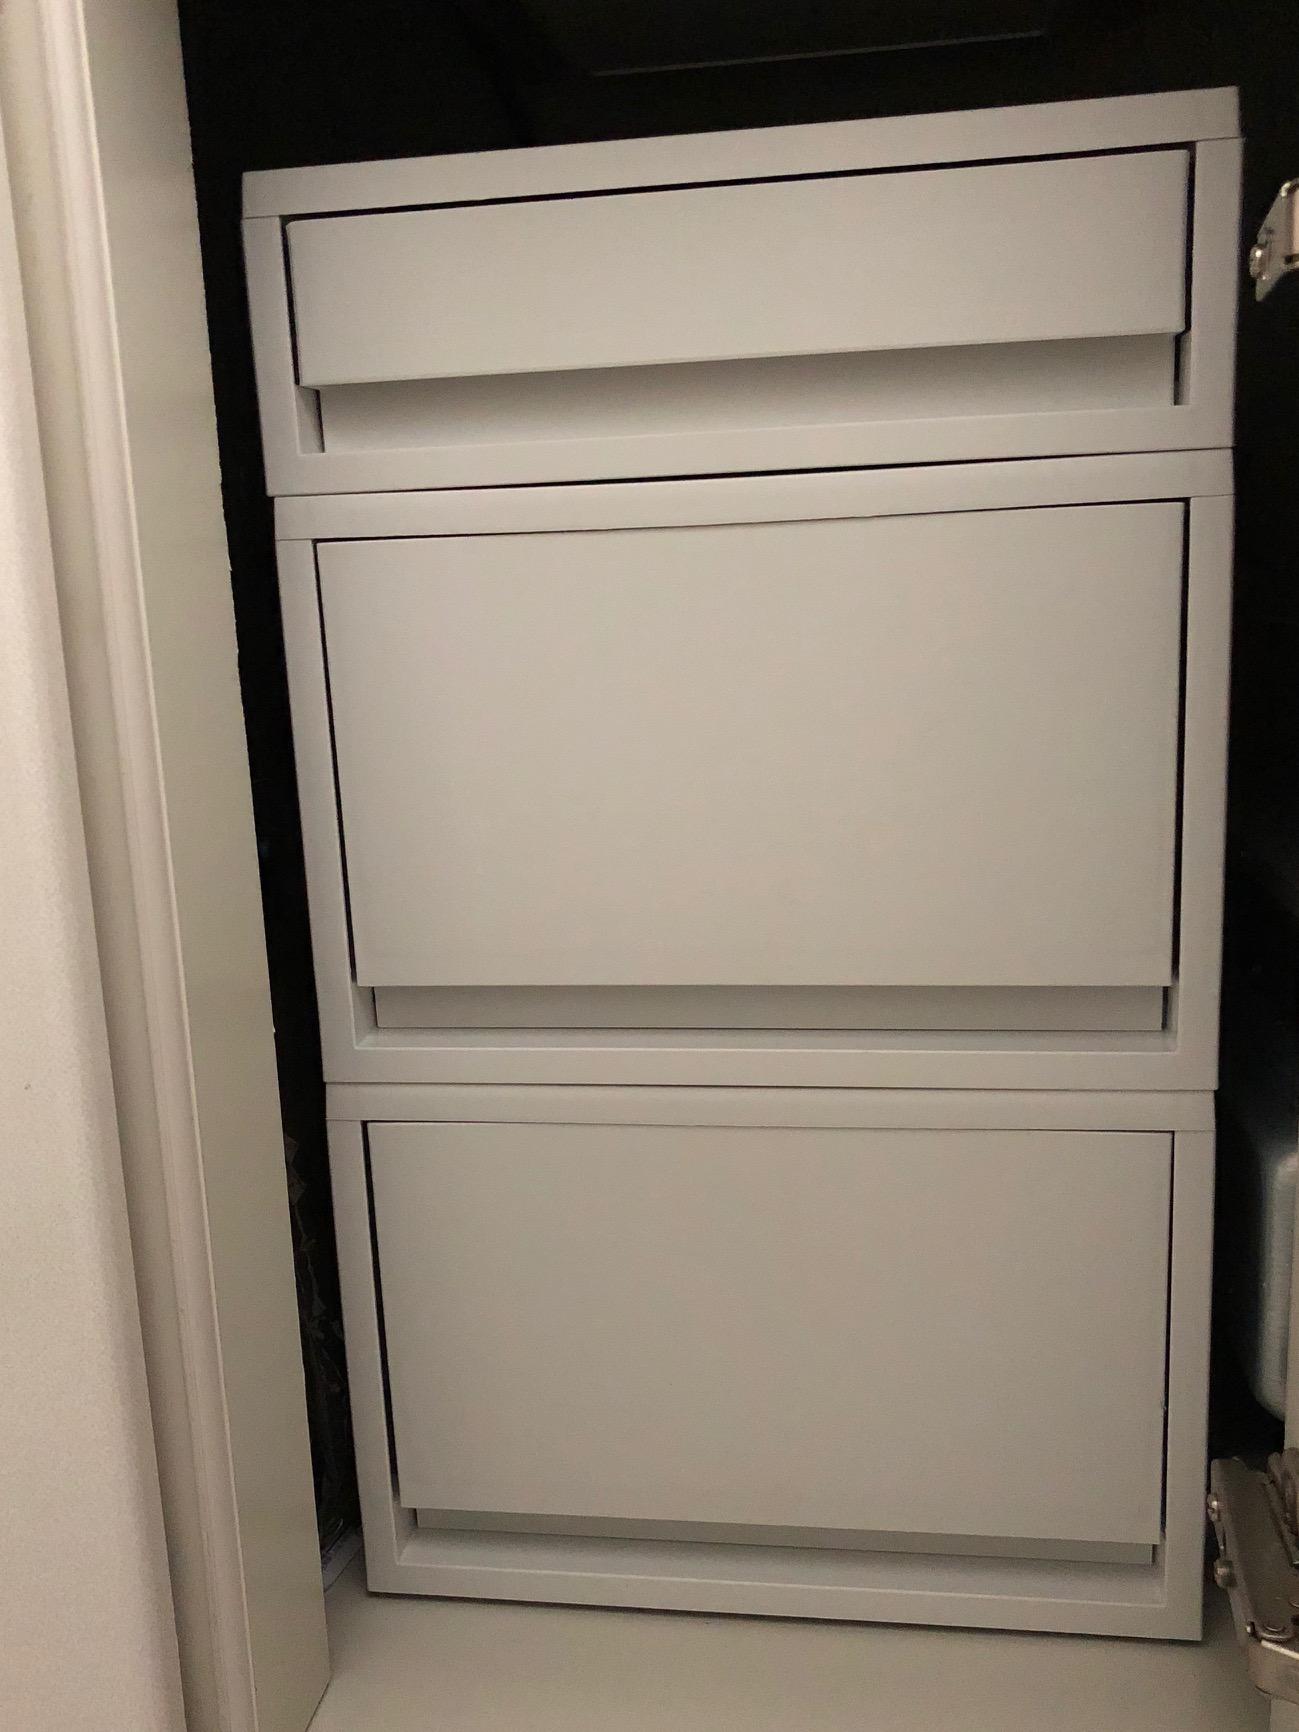 無印良品 キッチンのシンク下の収納はポリプロピレンケースで